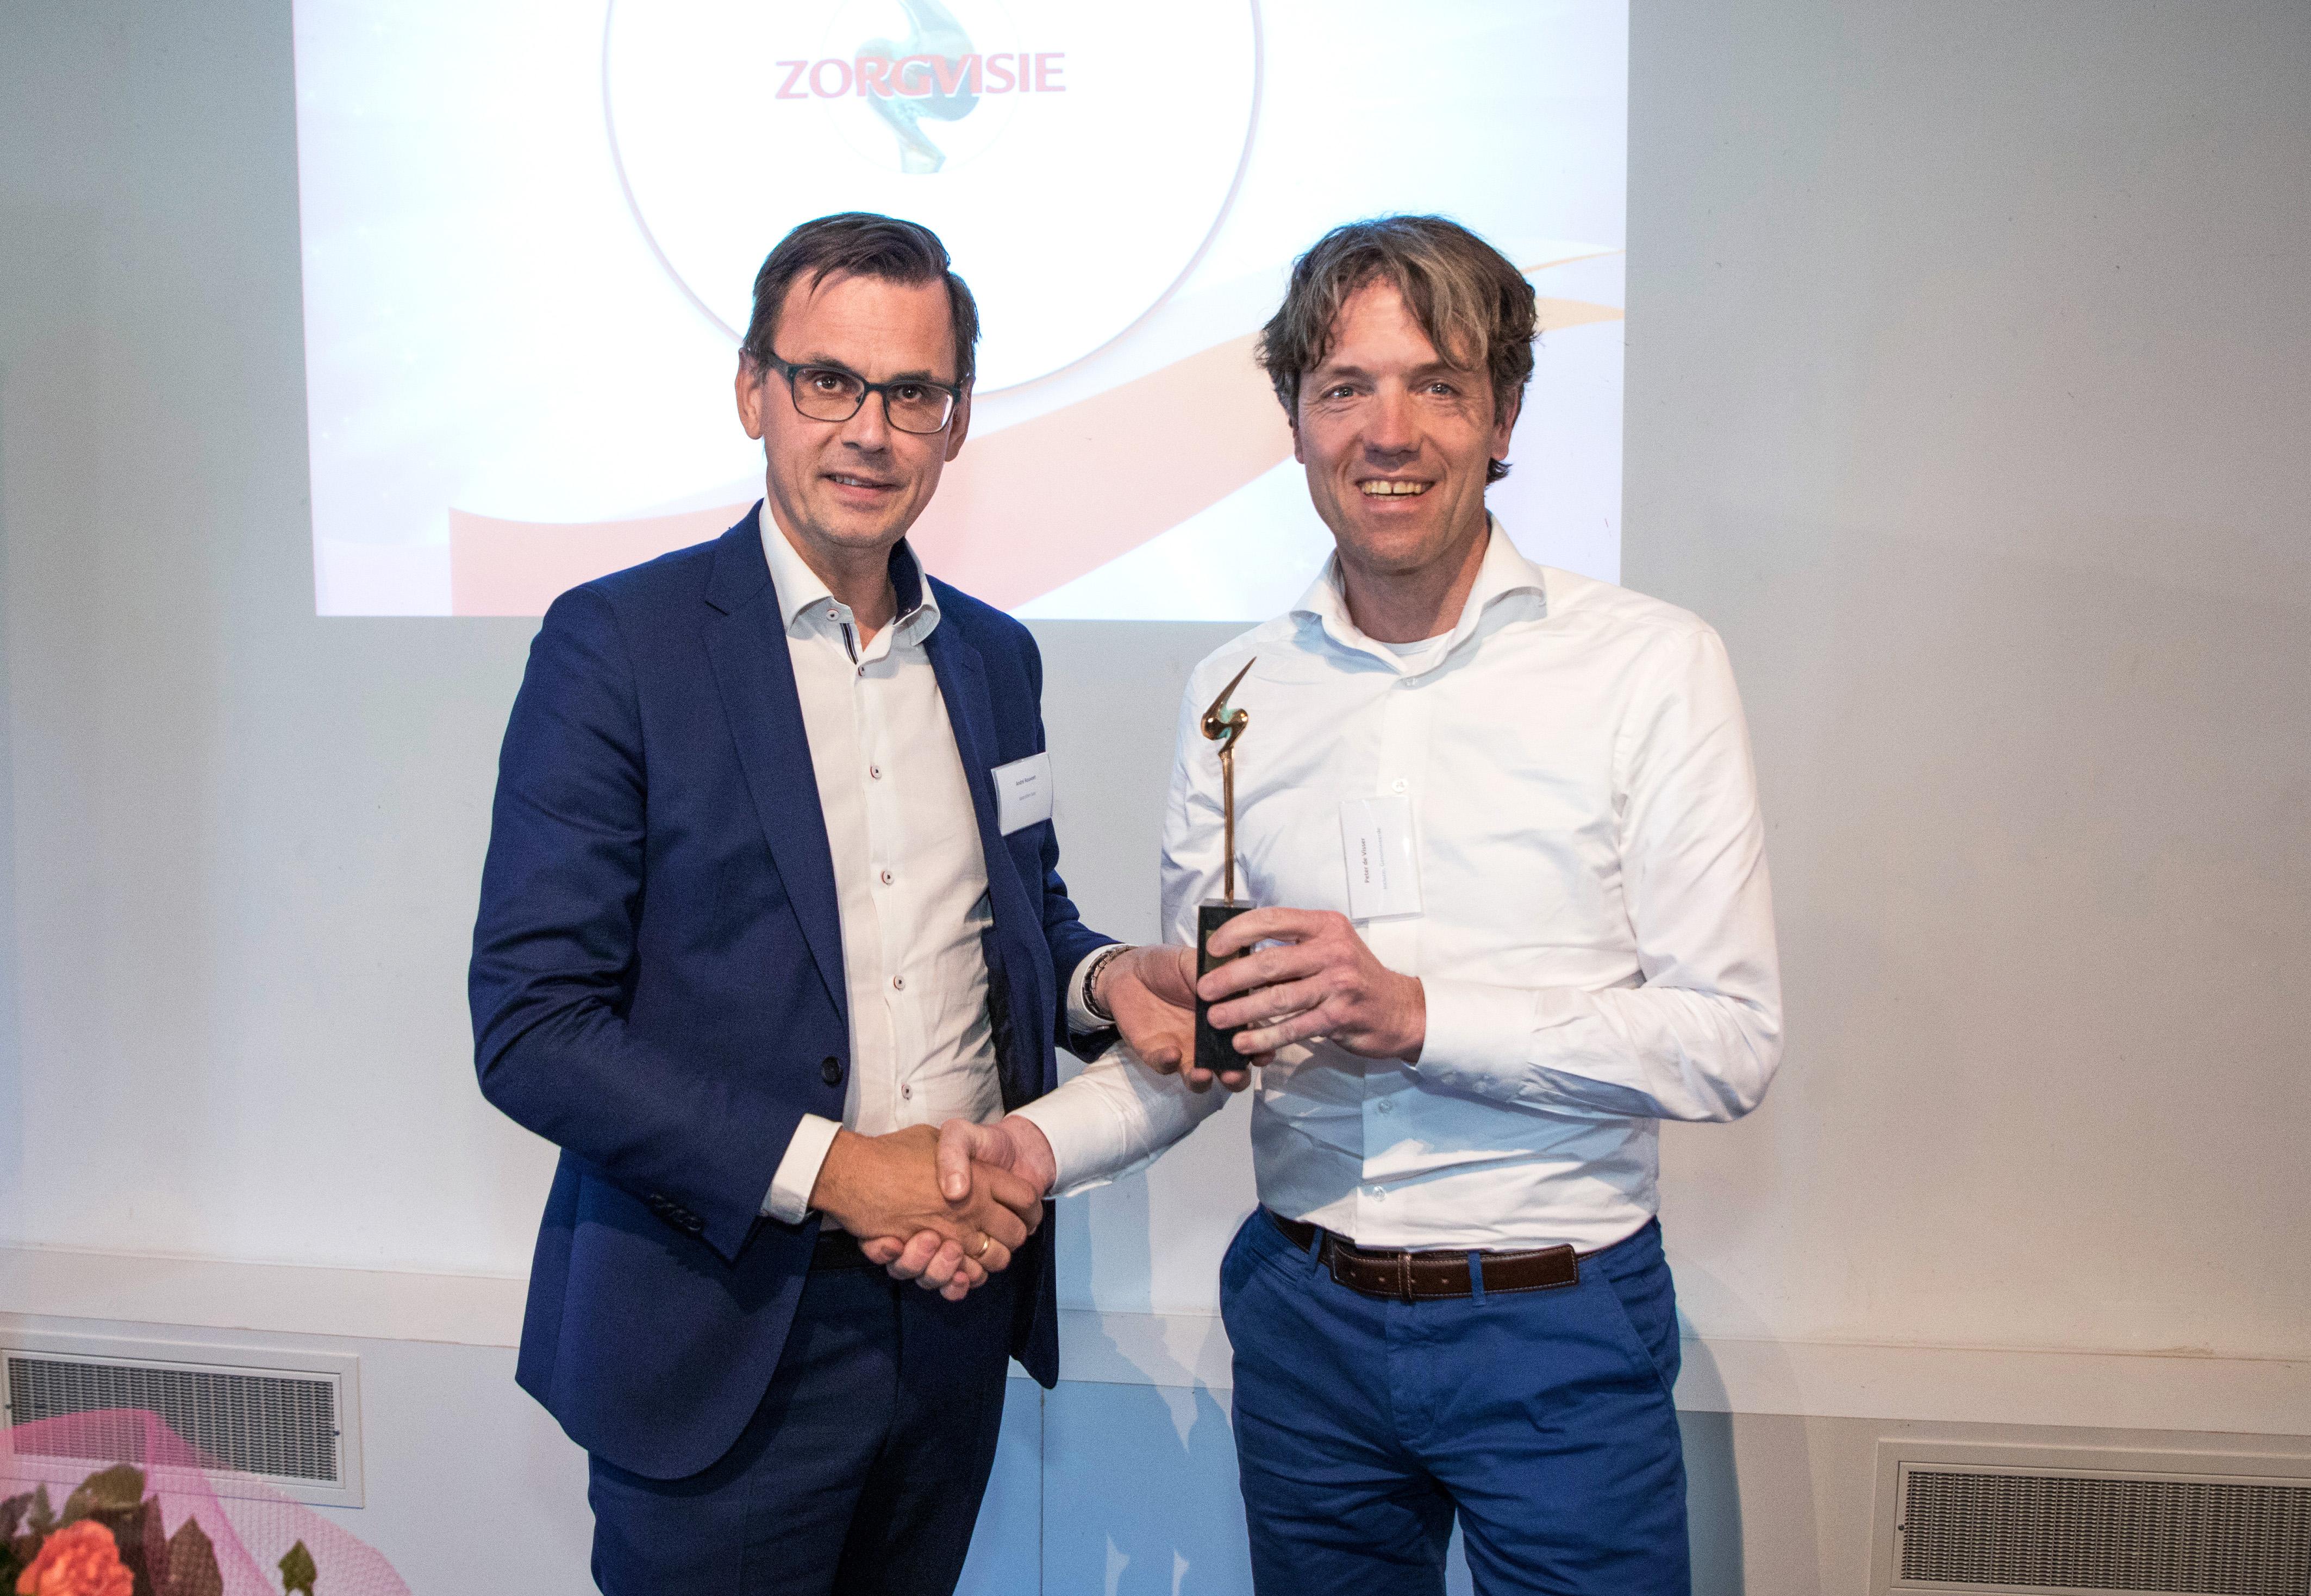 Peter de Visser is Zorgmanager van het Jaar 2019